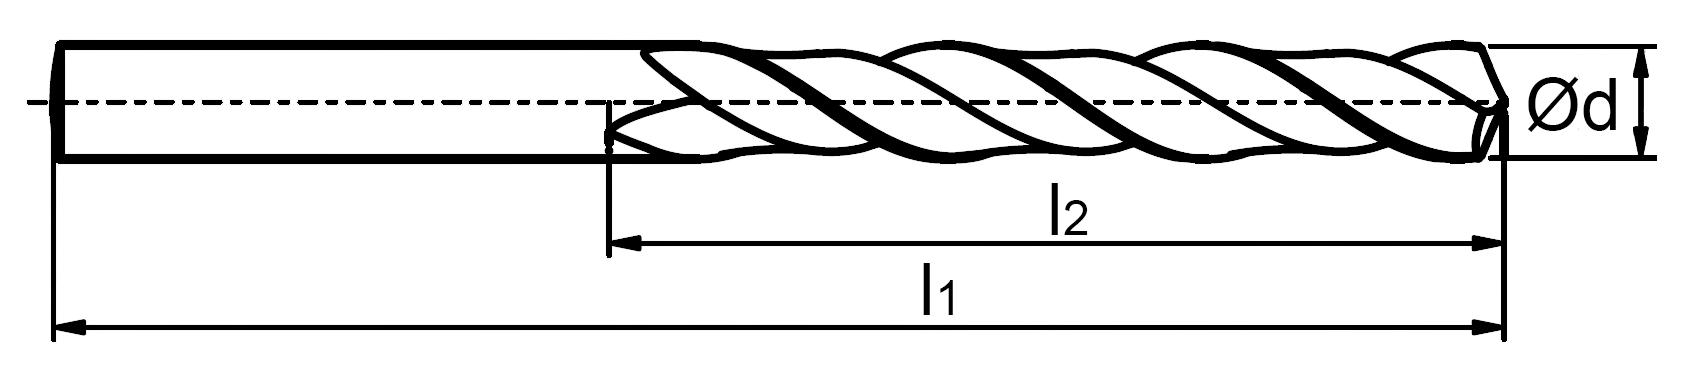 Wymiary- wiertło długie NWKb DIN-340